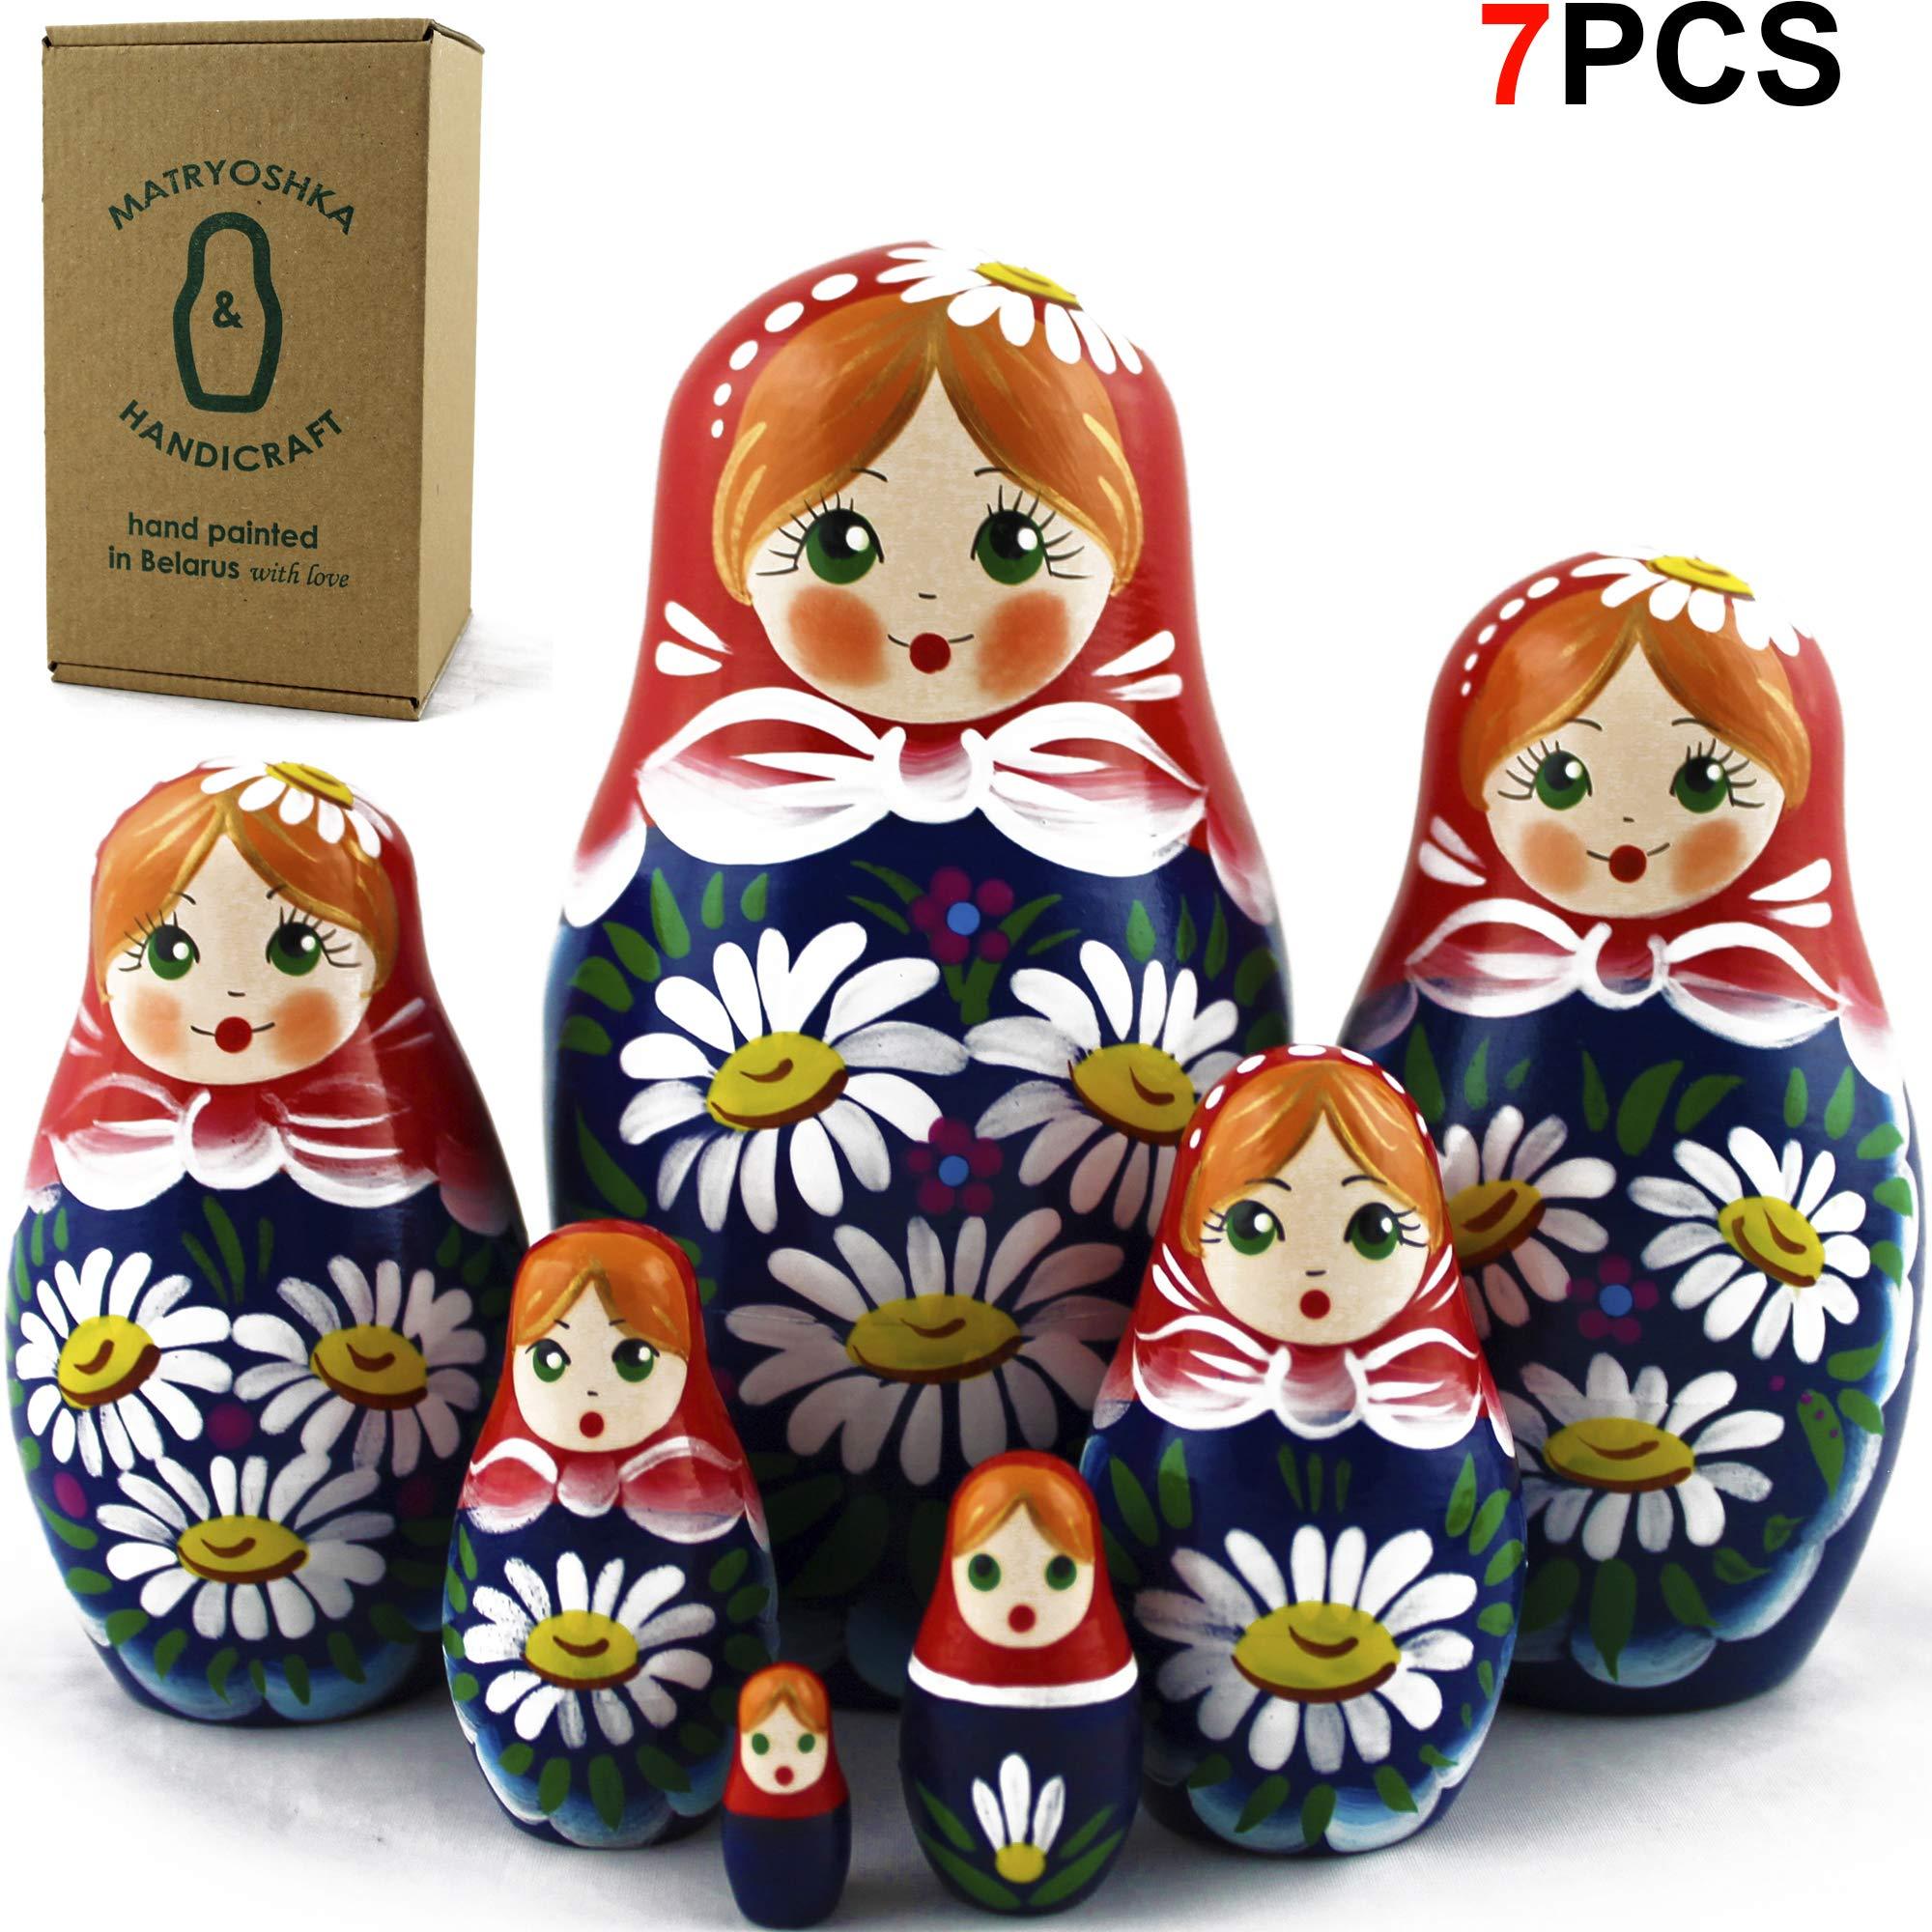 Nesting Dolls - Matryoshka Matrioskas Babushka Matruska Russian 7 Nesting Dolls for Kids - Matryoshka Russian Nesting Doll by MATRYOSHKA&HANDICRAFT